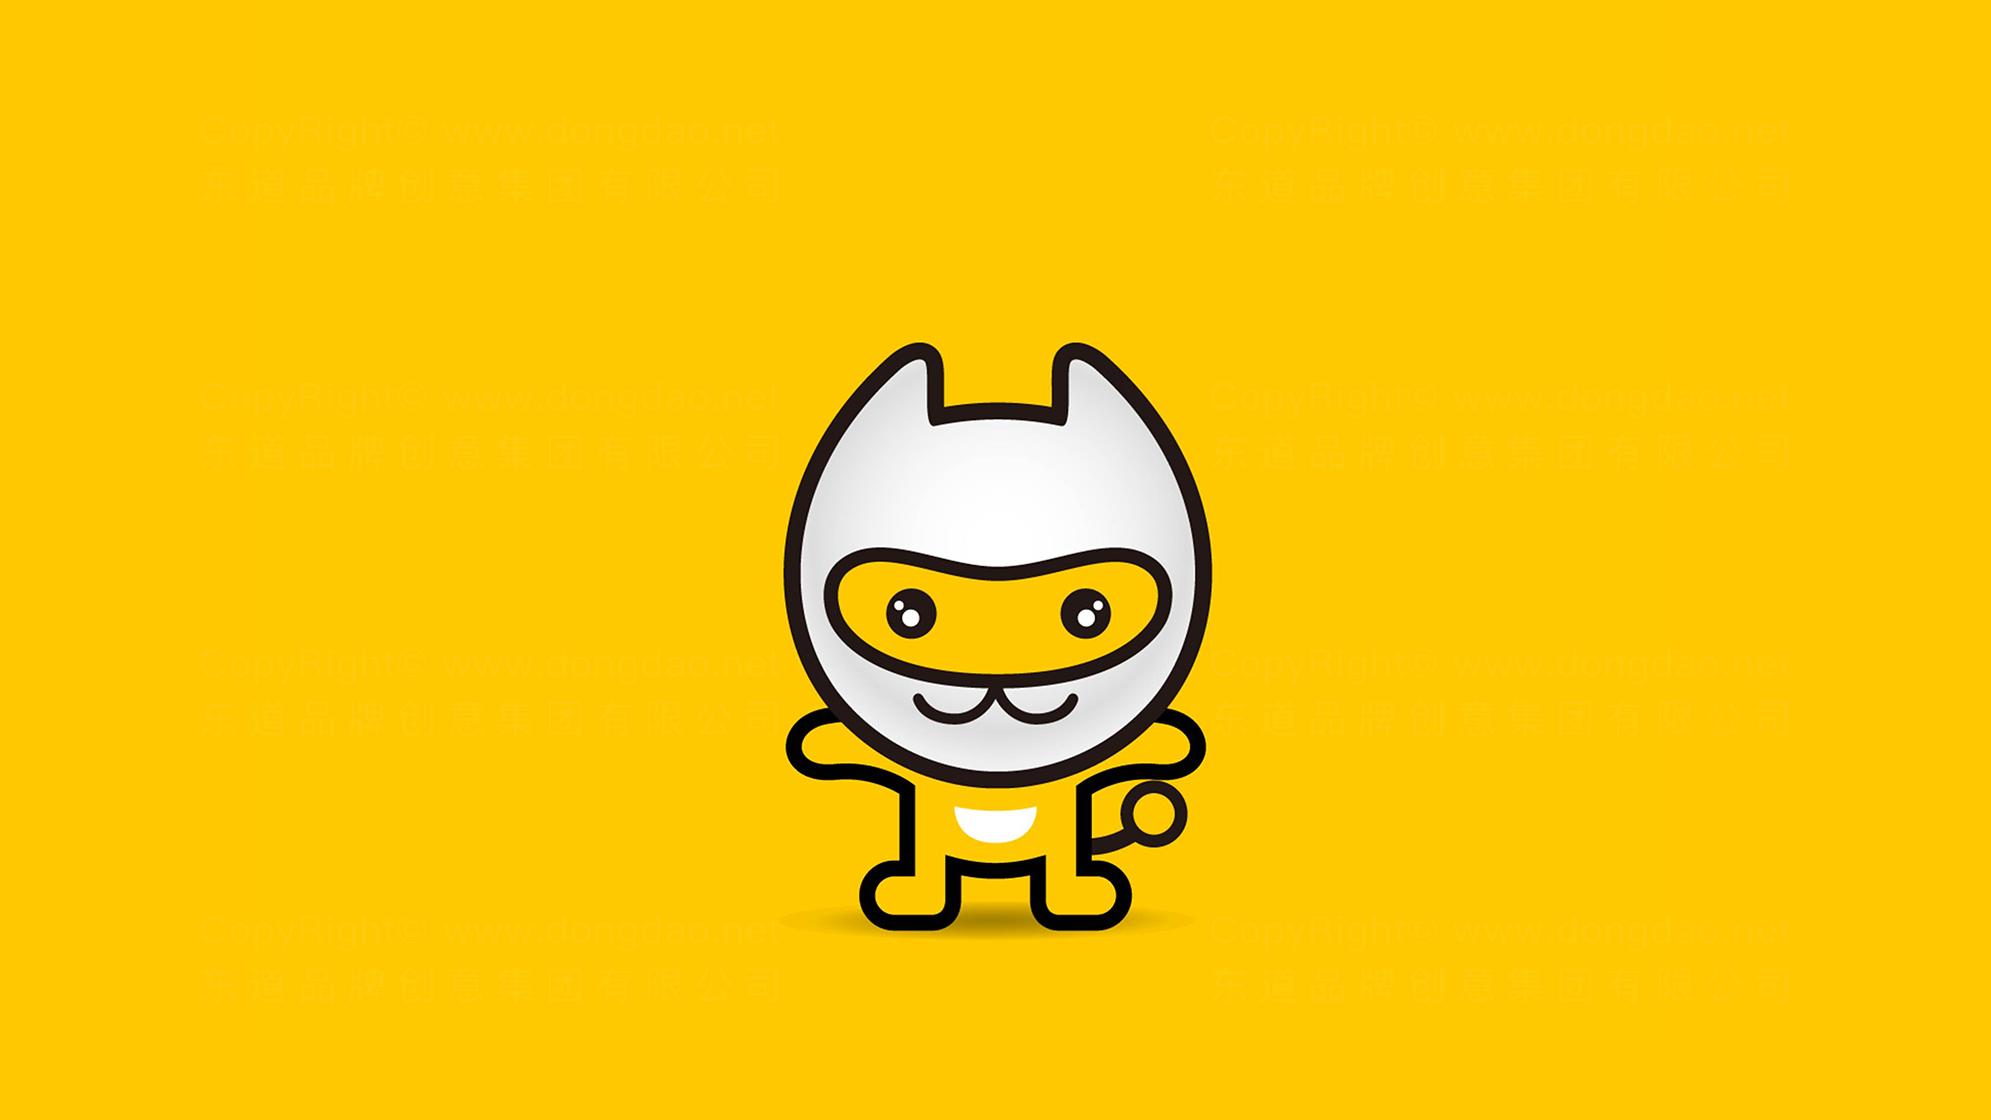 品牌设计一猫汽车logo设计、vi设计应用场景_4